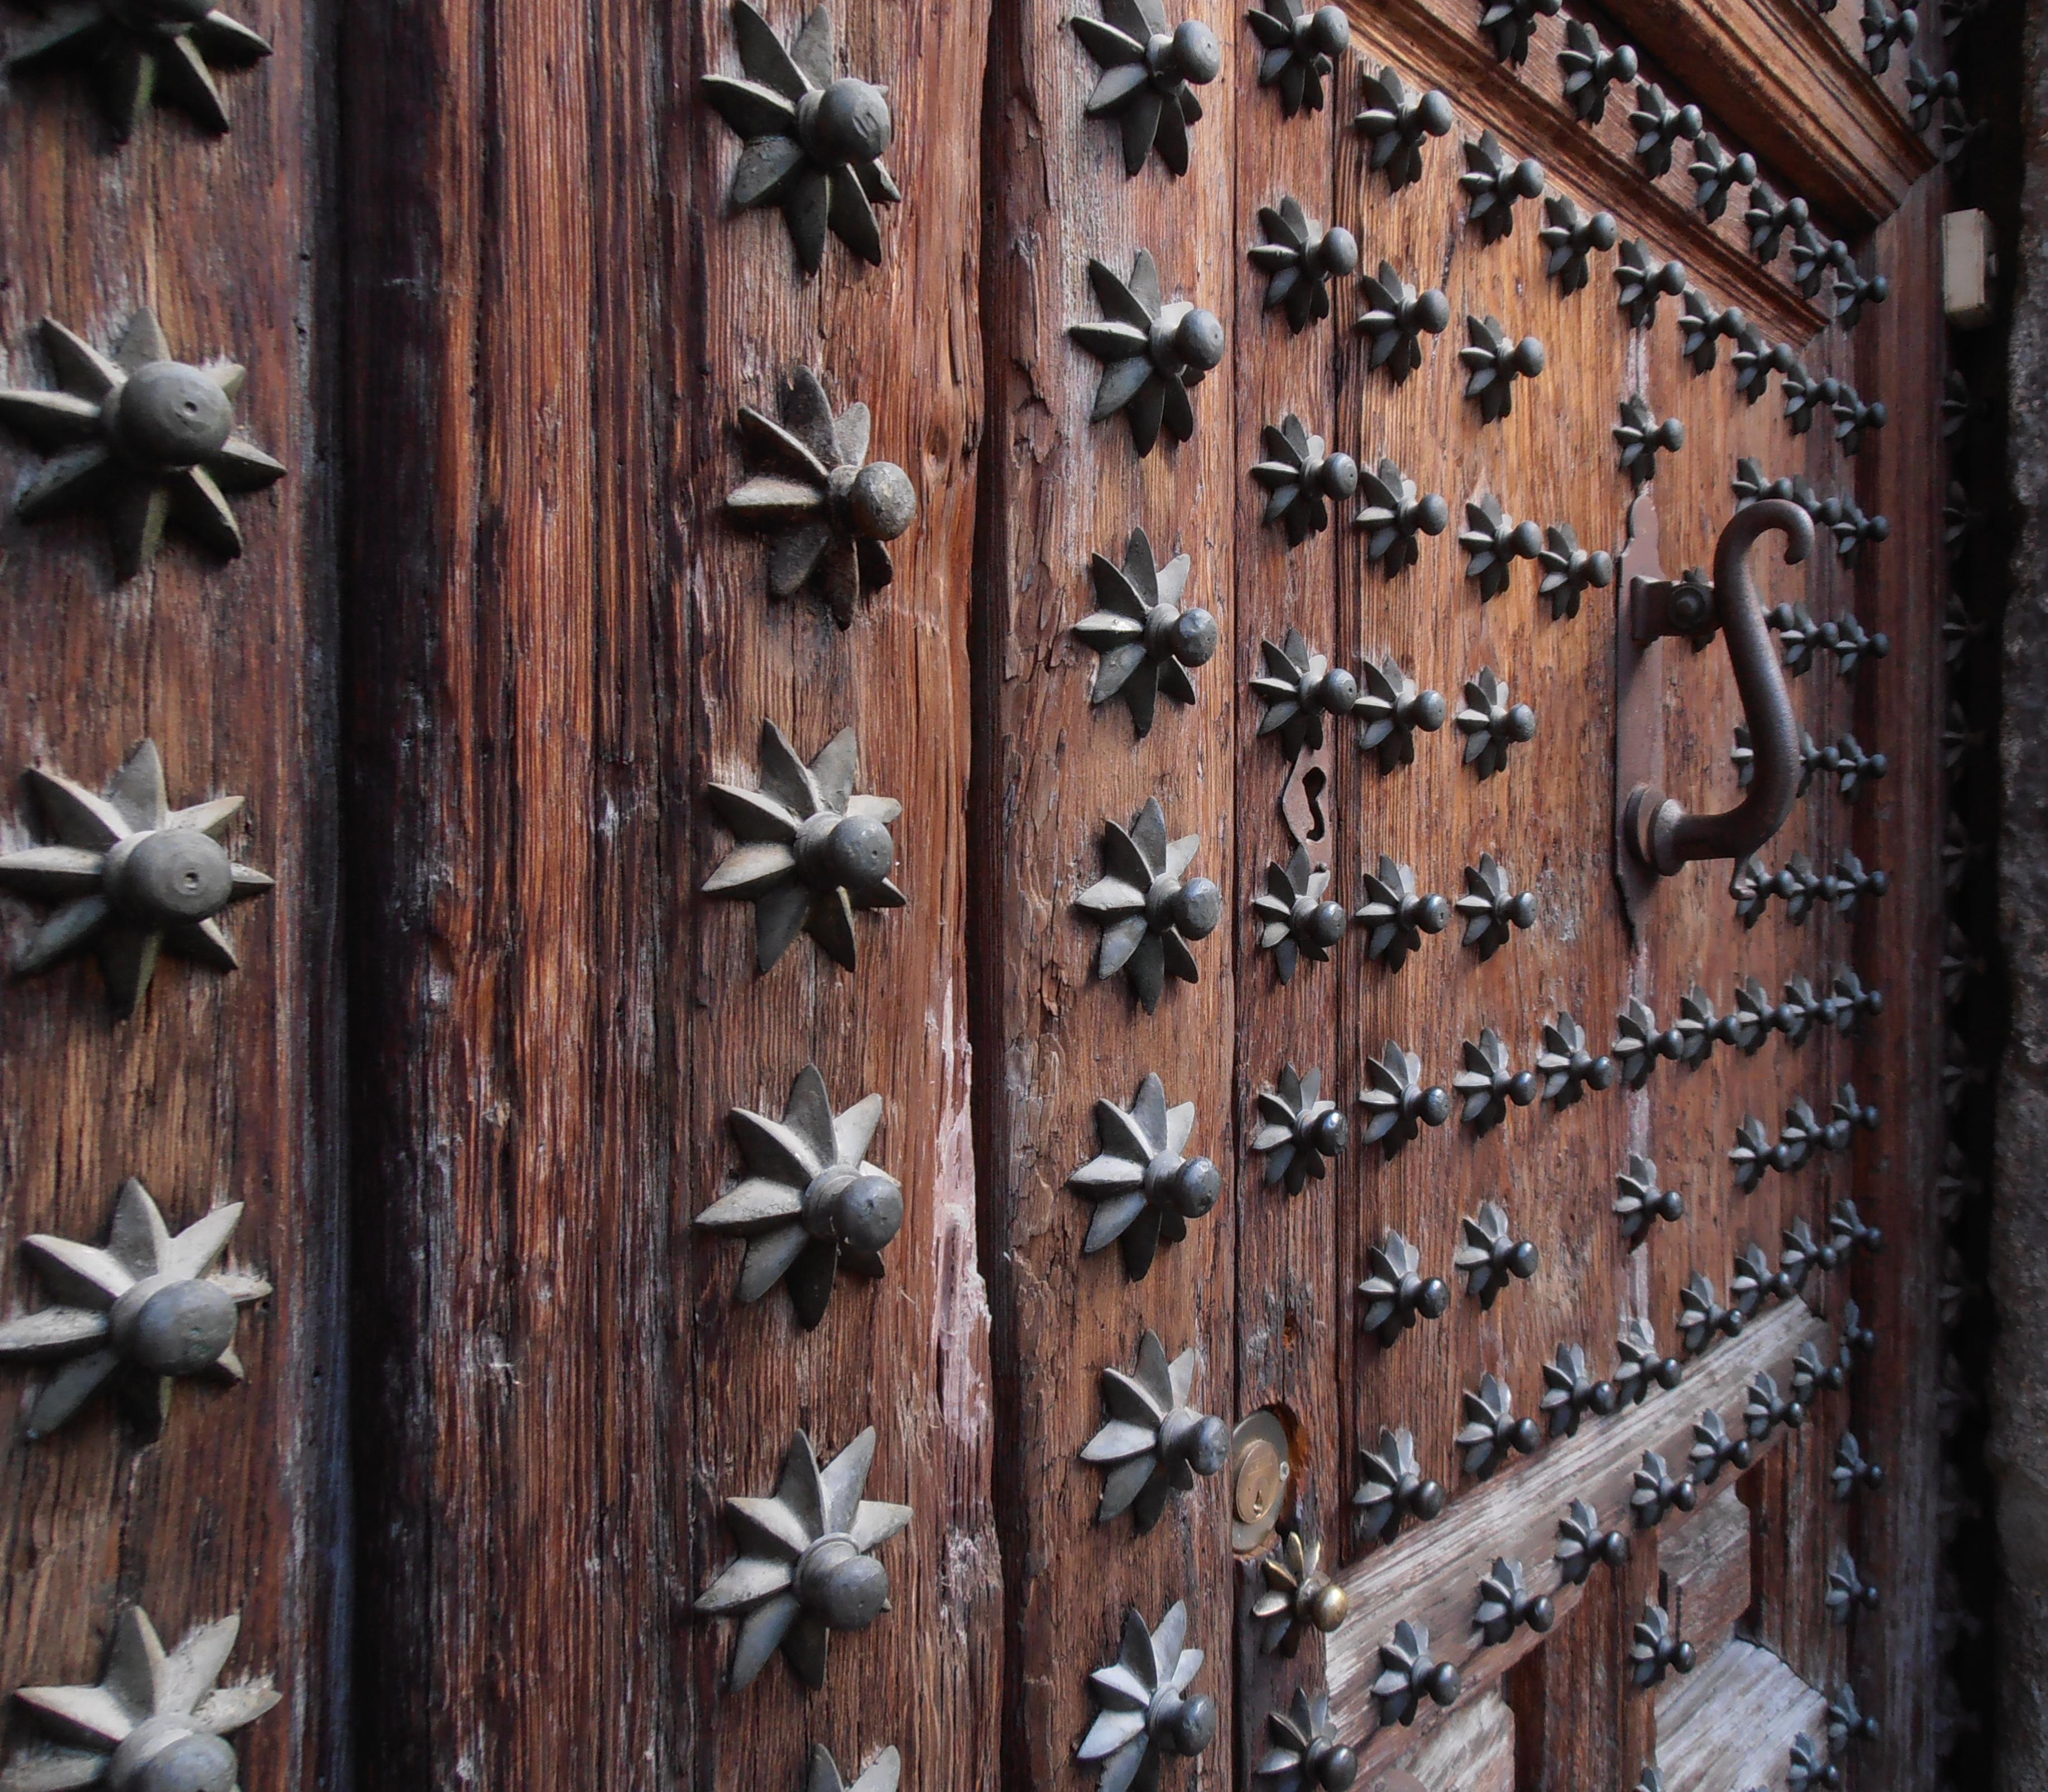 Starry starry\u2026 door & The Amazing Doors of Toledo | Lady Of The Cakes